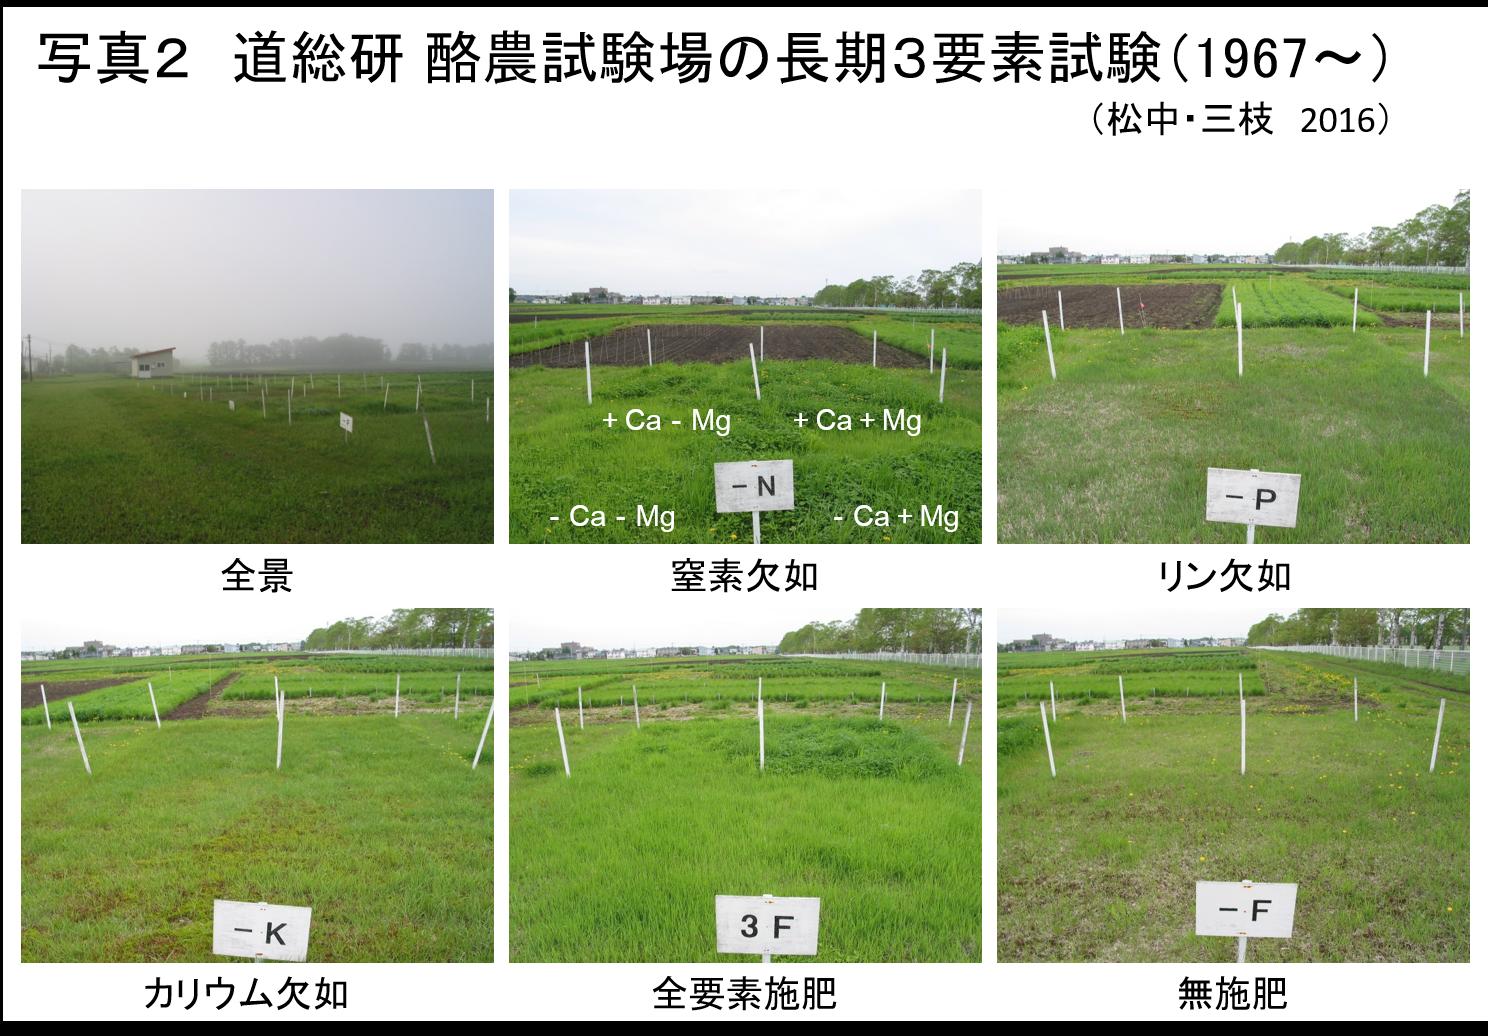 草地の土づくりー維持管理の基礎理論ー